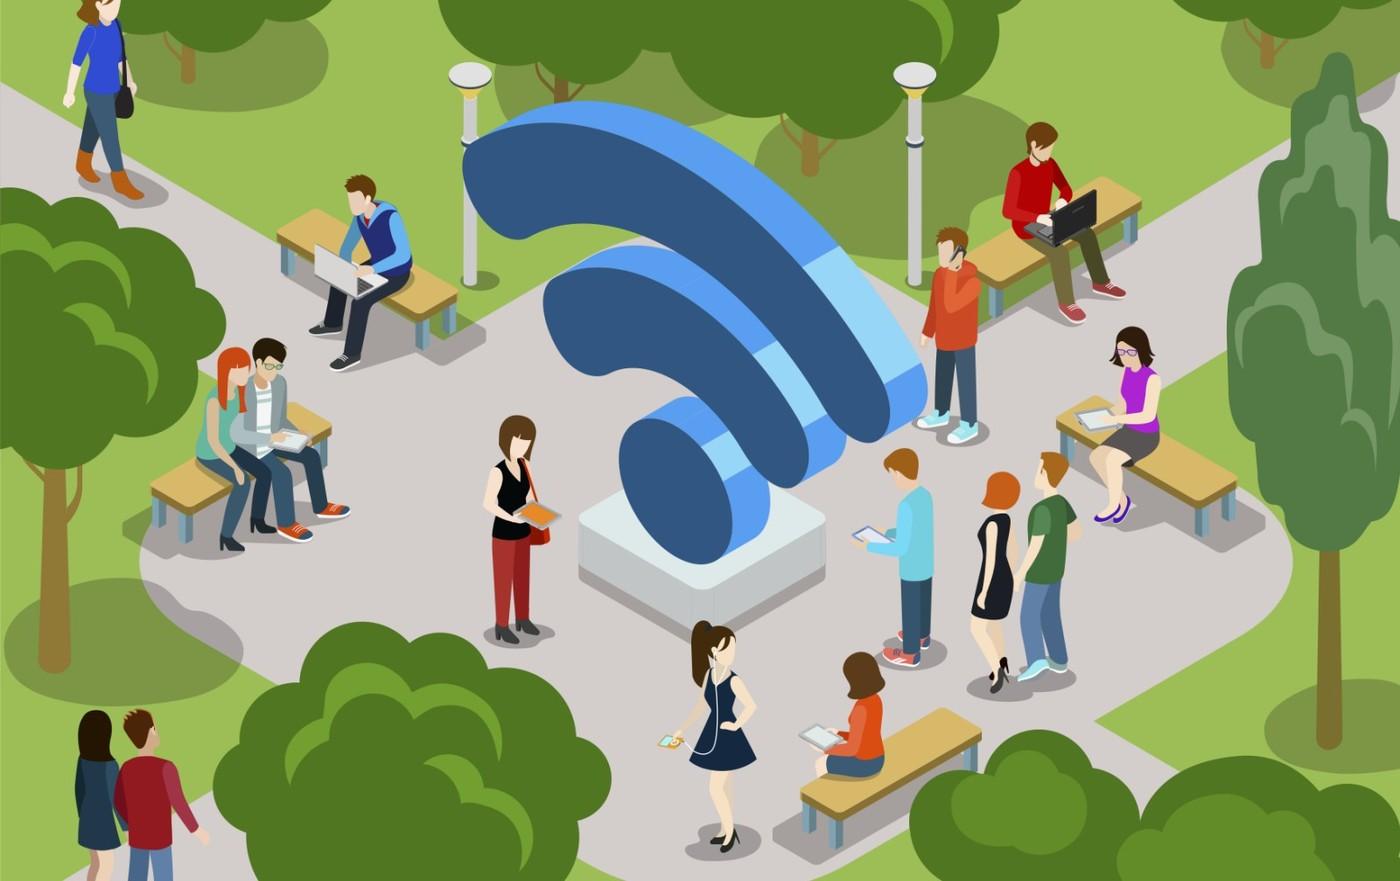 英政府通過新條例:網速未達標,用戶可毀約!